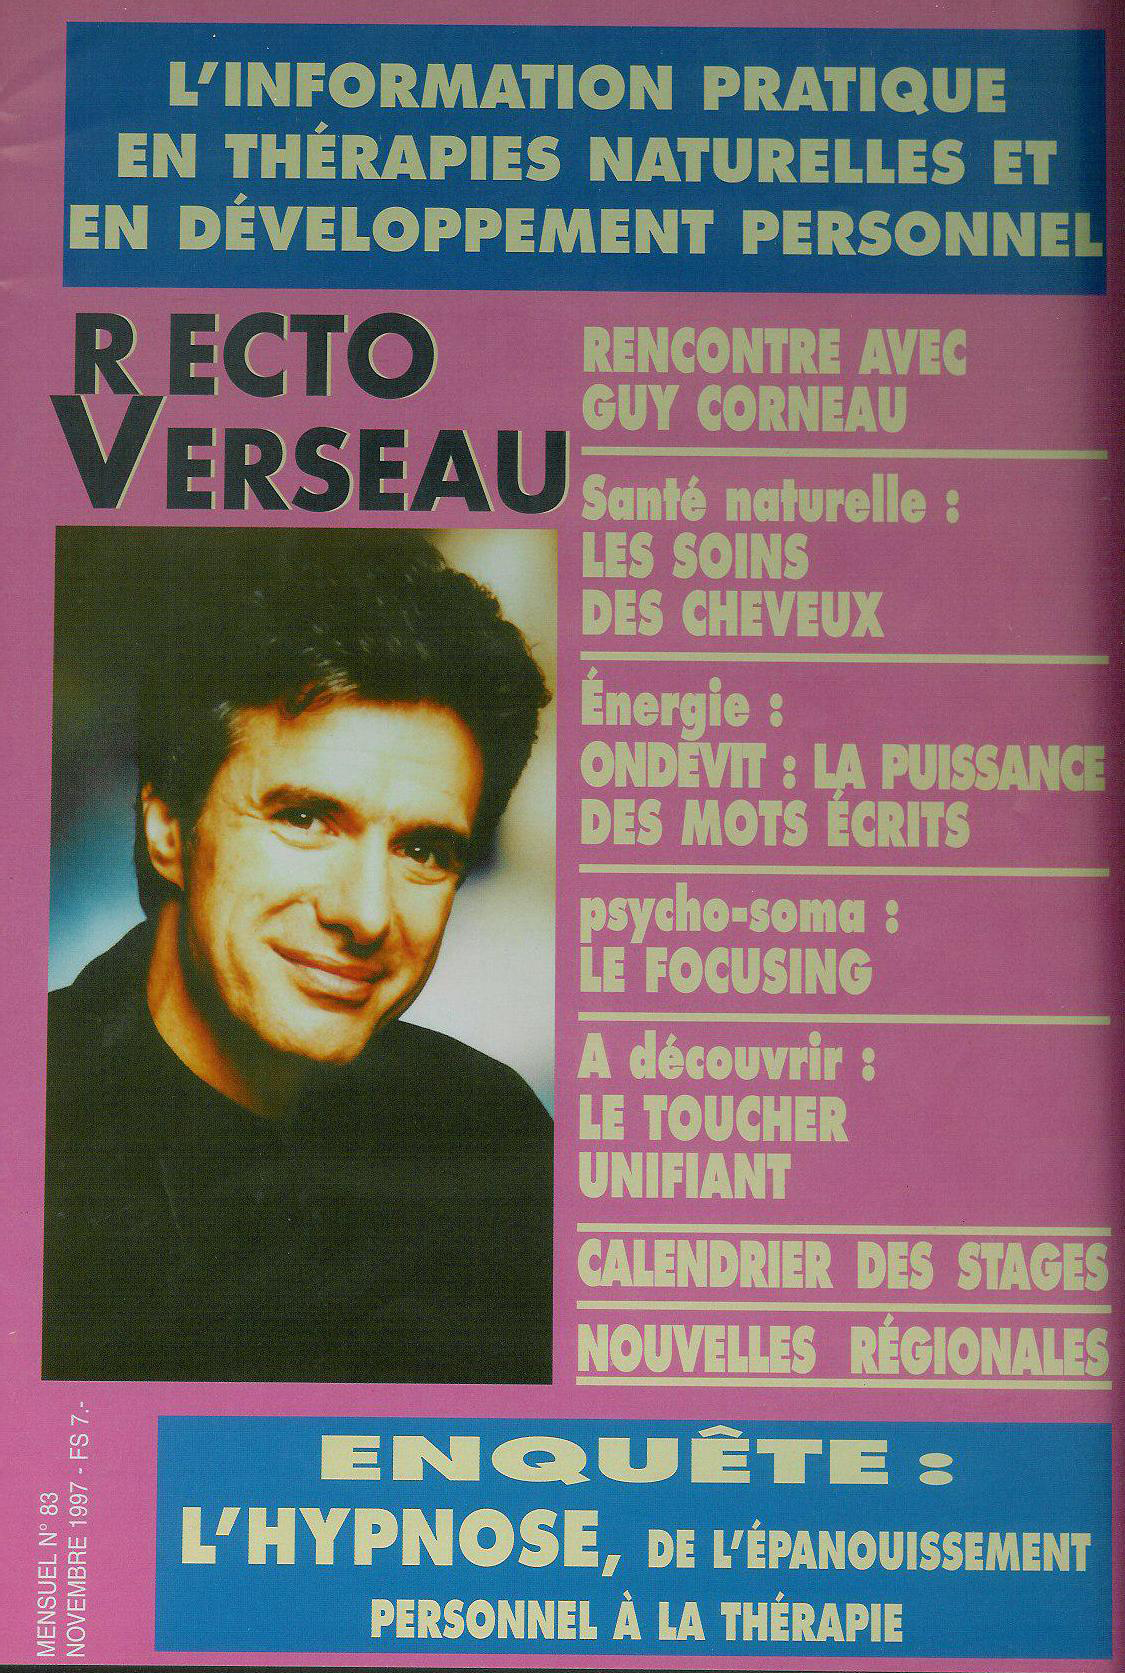 Rect-Verseau copy